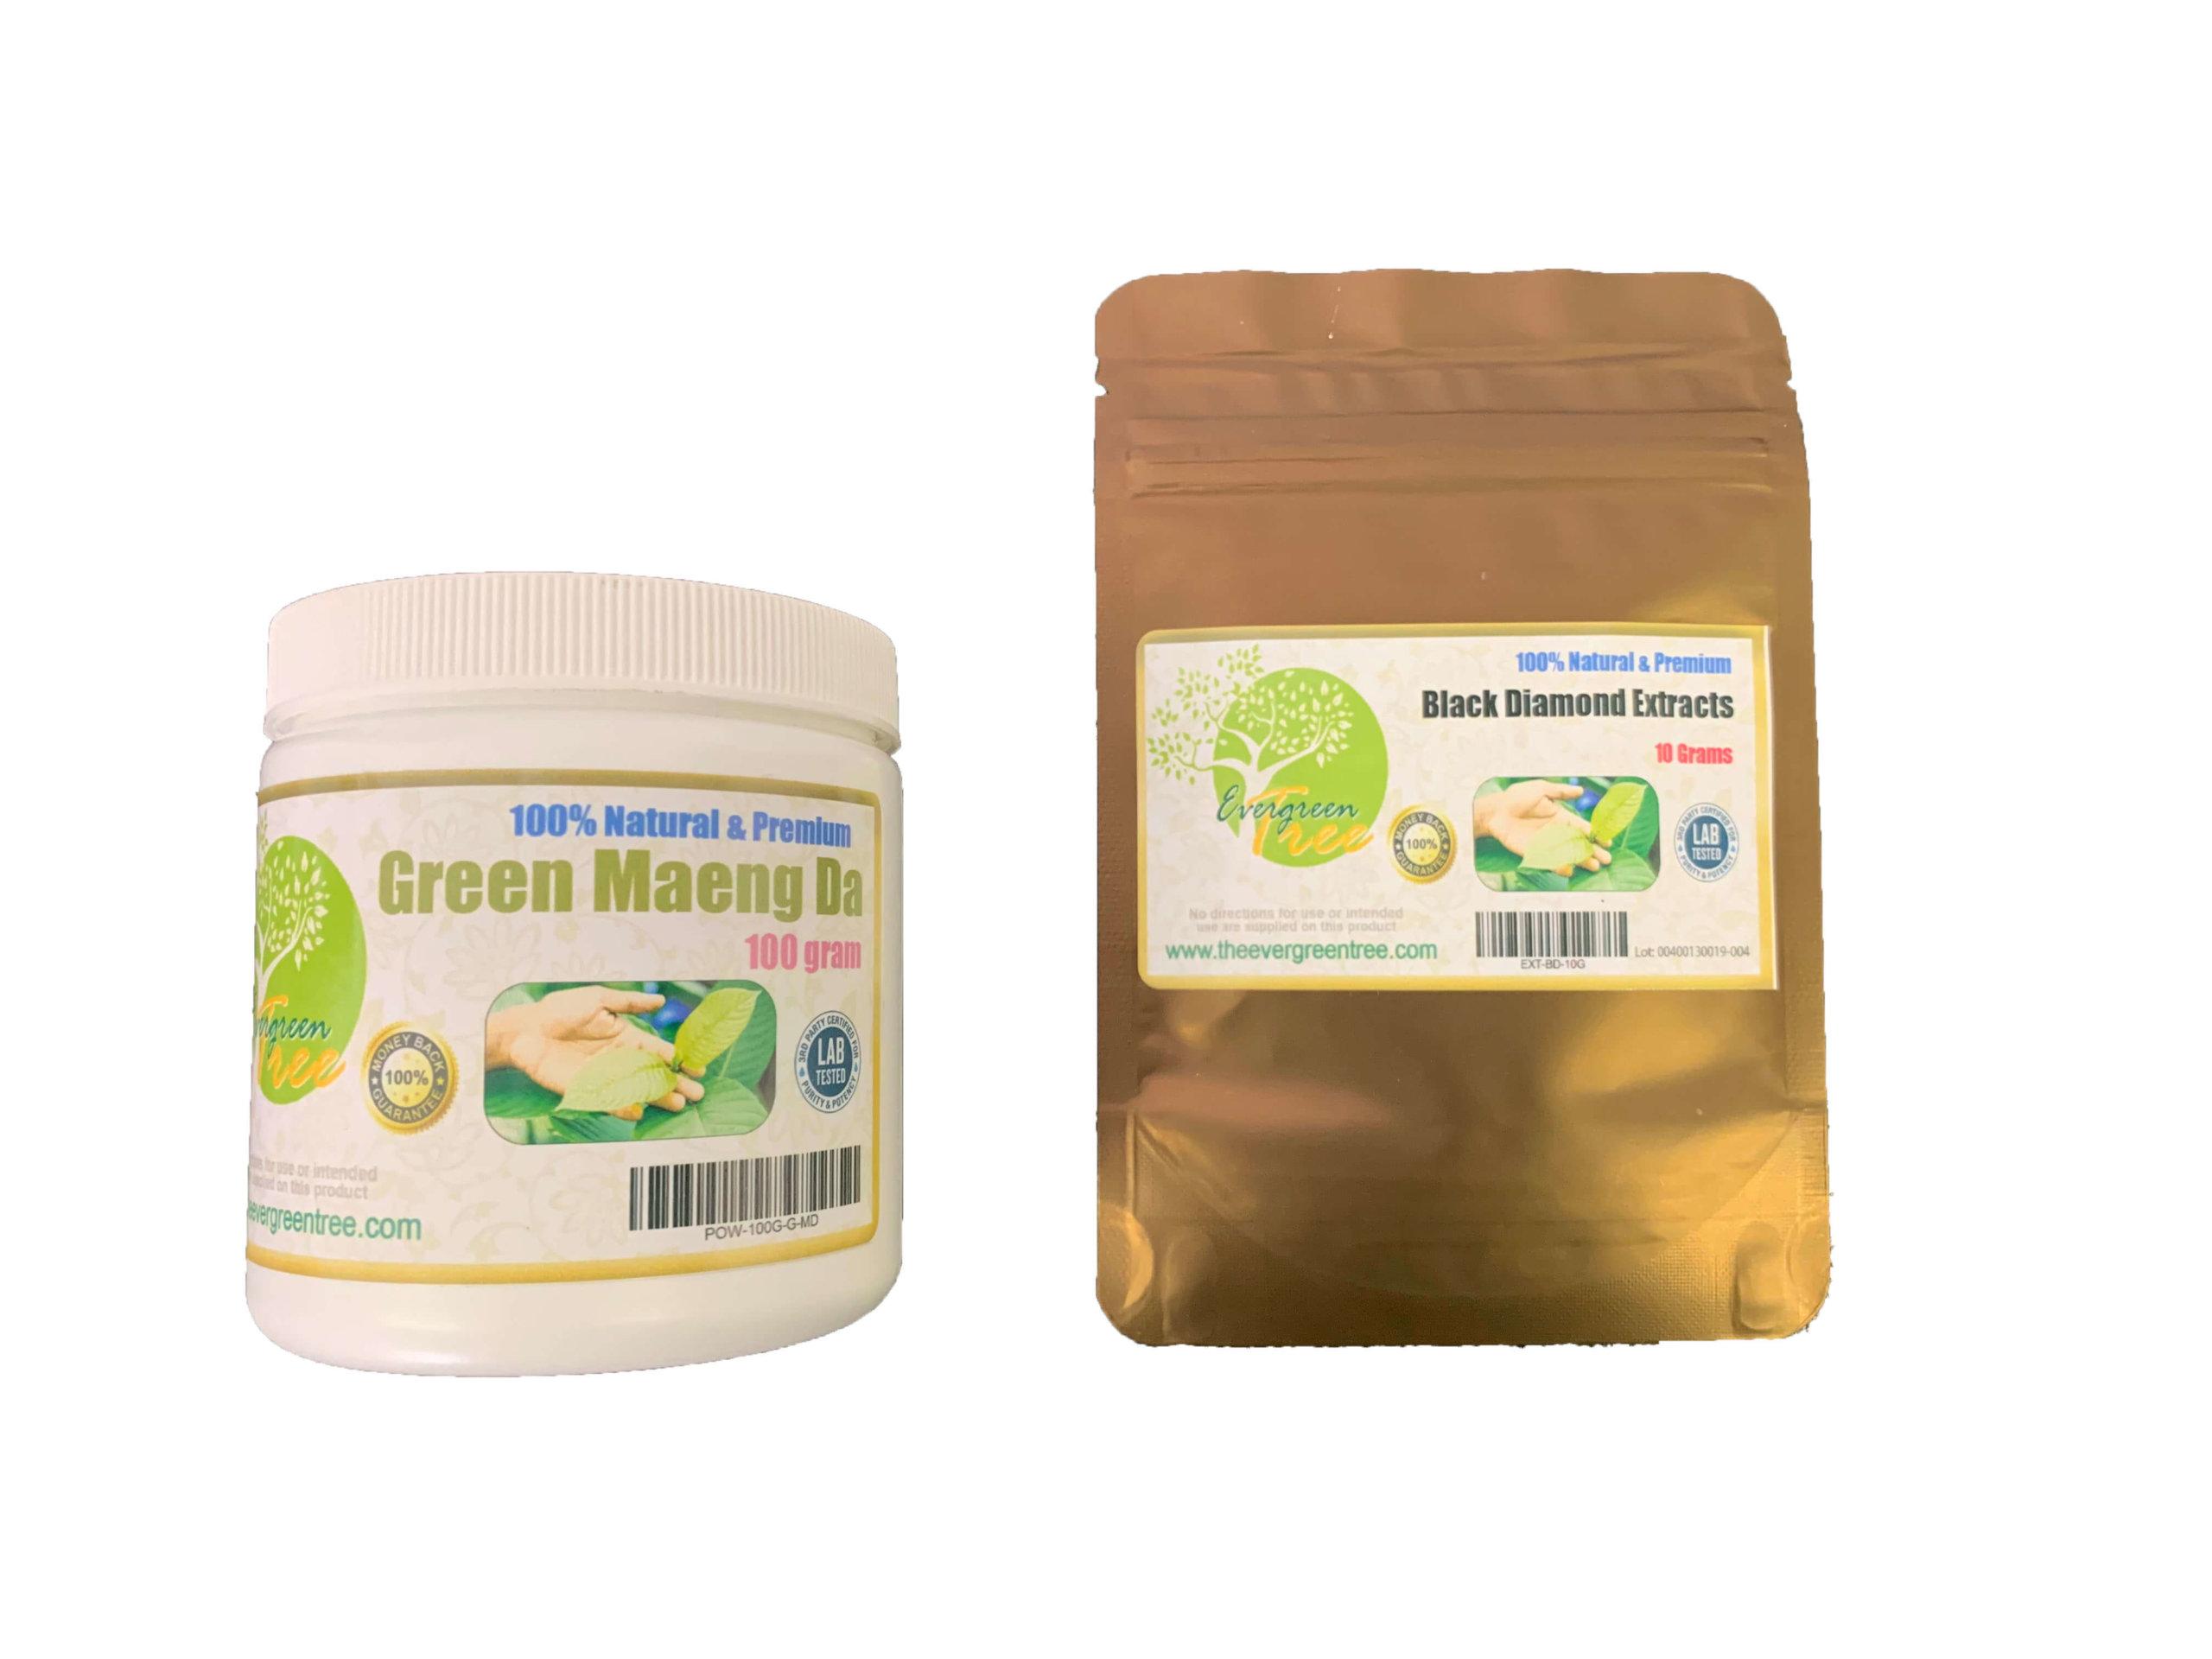 Buy Kratom Online - The Evergreen